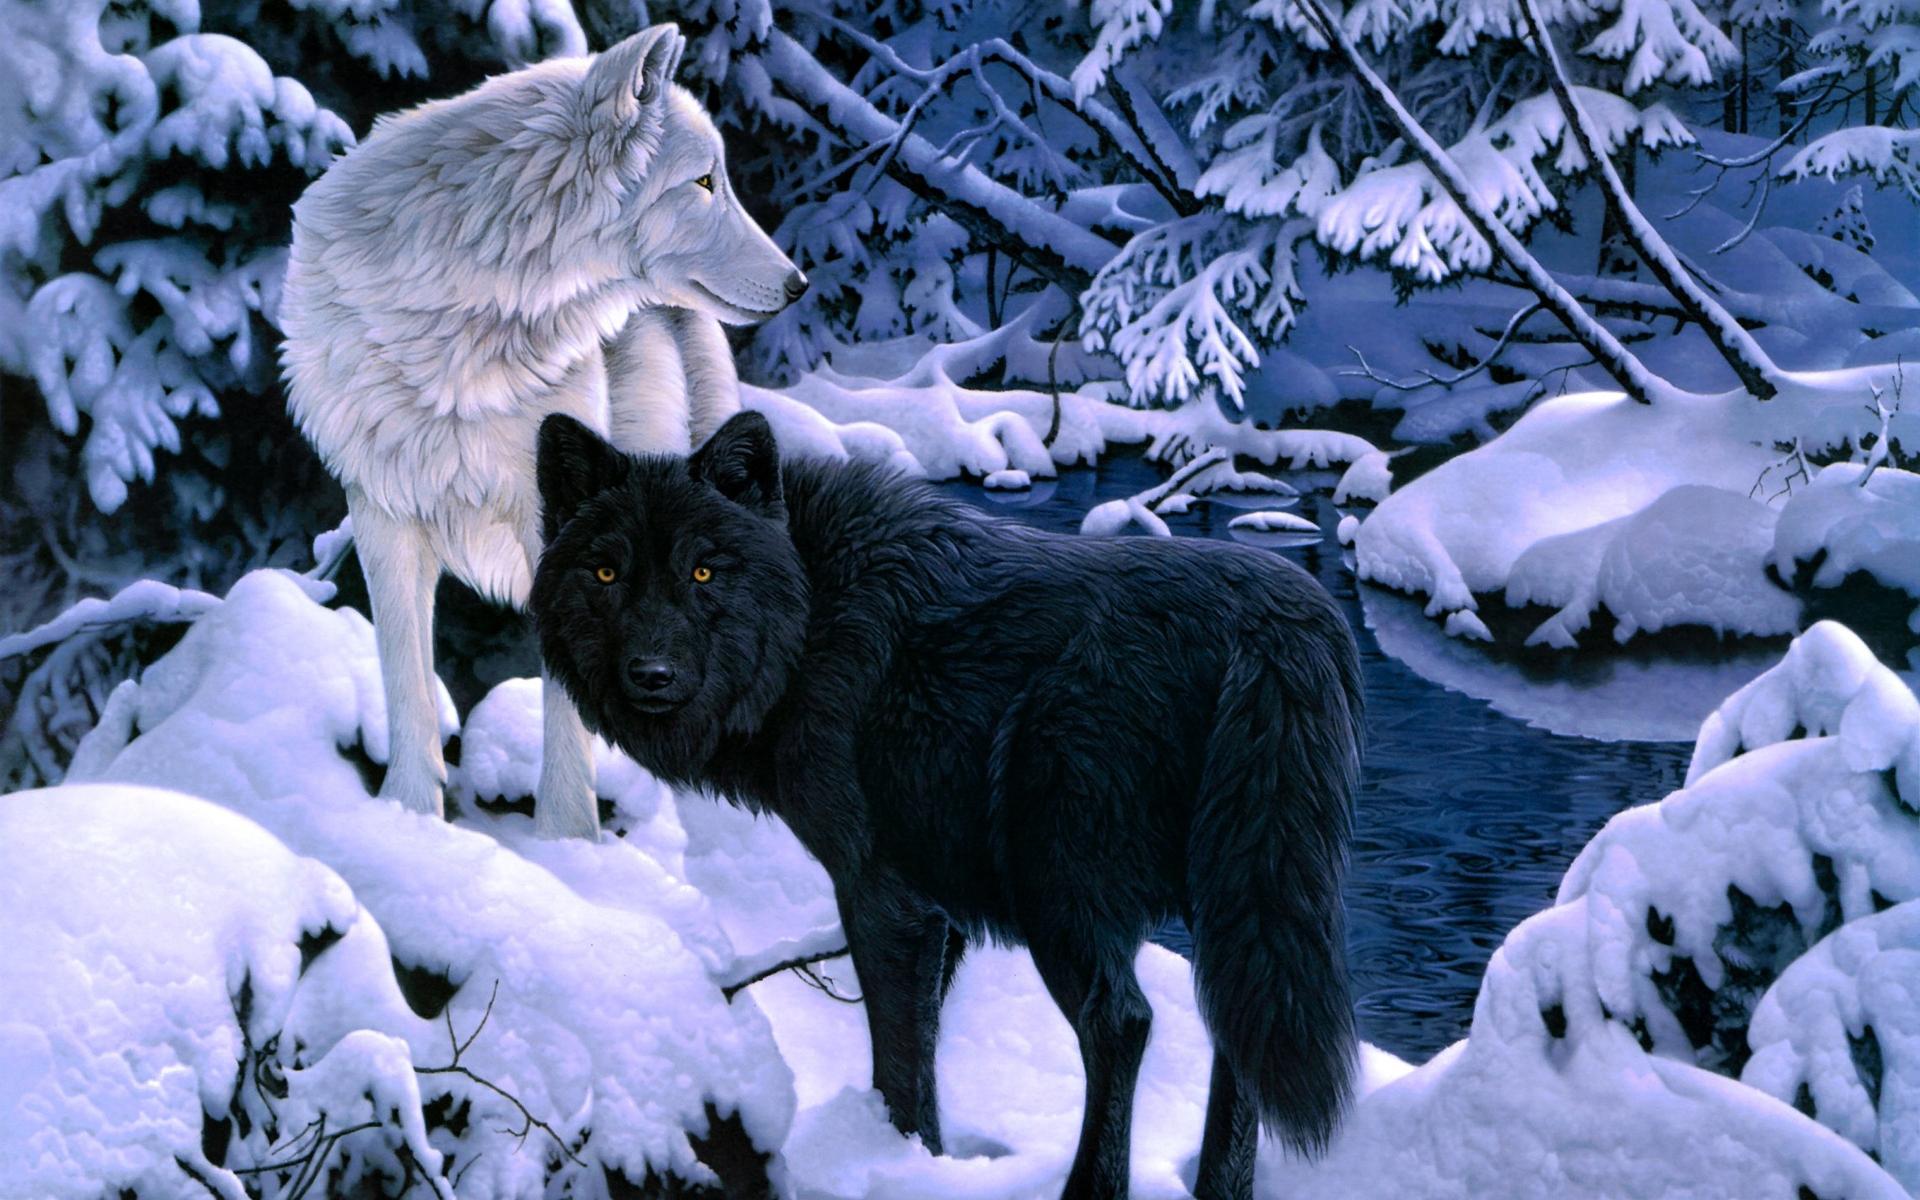 Dark Black And White Wolf 1920x1200 Wallpaper Teahub Io